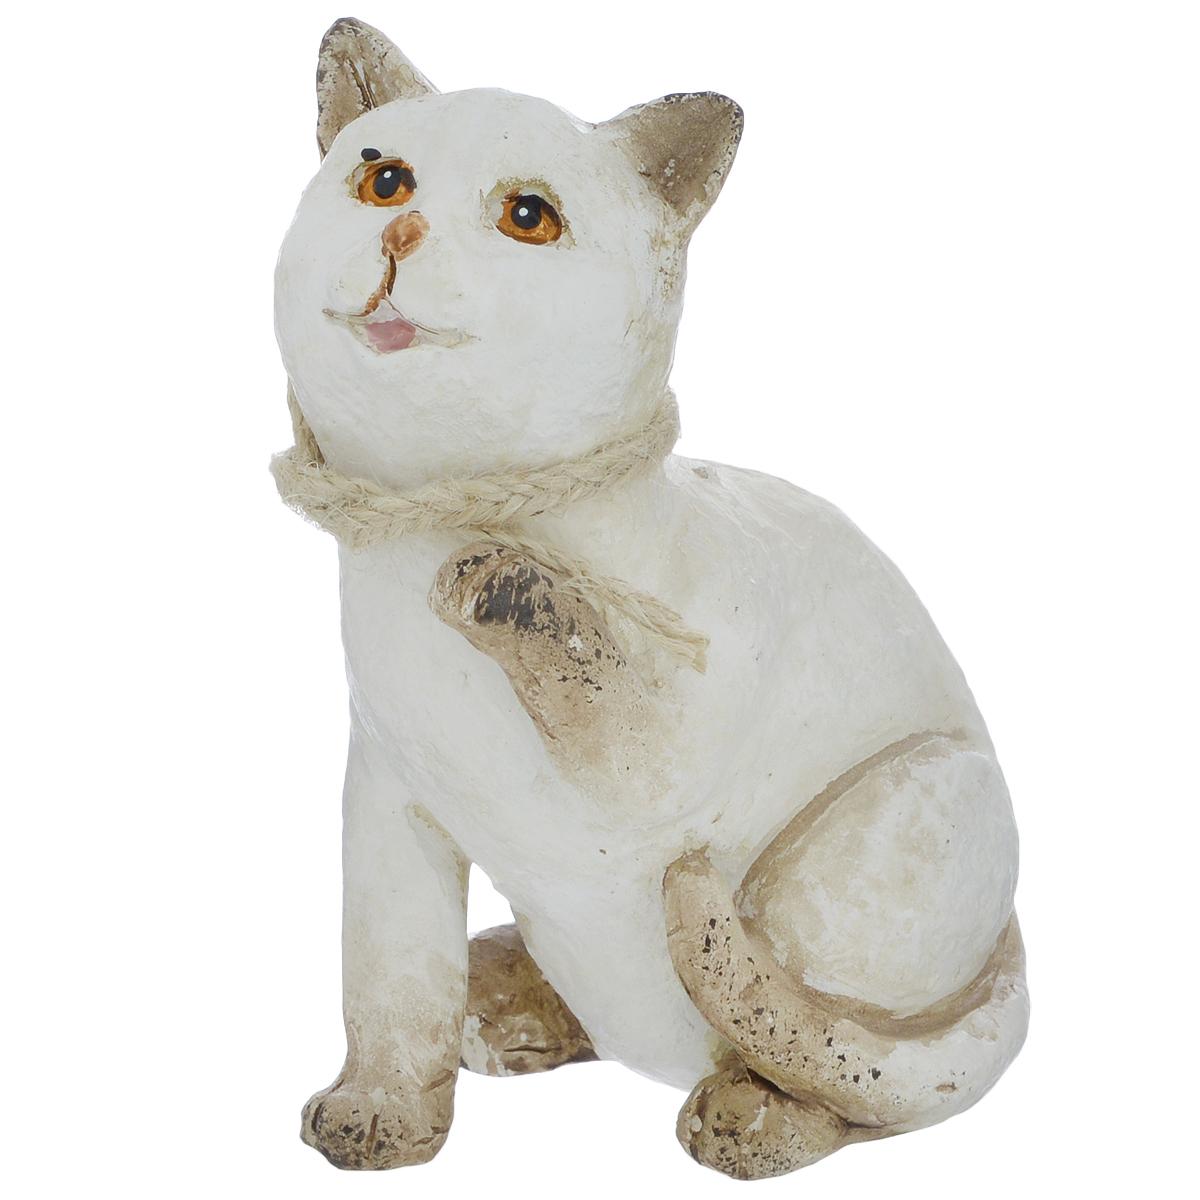 Фигурка декоративная Molento Белая кошечка, высота 11 смTHN132NДекоративная фигурка Molento Белая кошечка, изготовленная из полистоуна, позволит вам украсить интерьер дома, рабочего кабинета или любого другого помещения оригинальным образом. Изделие выполнено в виде кошки.Вы можете поставить фигурку в любом месте, где она будет удачно смотреться, и радовать глаз. Кроме того, фигурка Белая кошечка станет чудесным сувениром для ваших друзей и близких. Размер фигурки: 8,5 см х 6 см х 11 см.